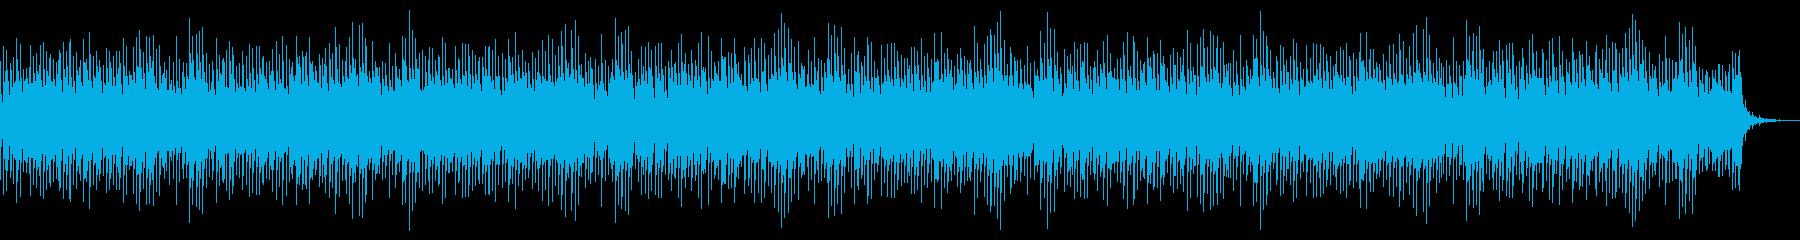 [ニュース報道]無機質:フラット:12の再生済みの波形